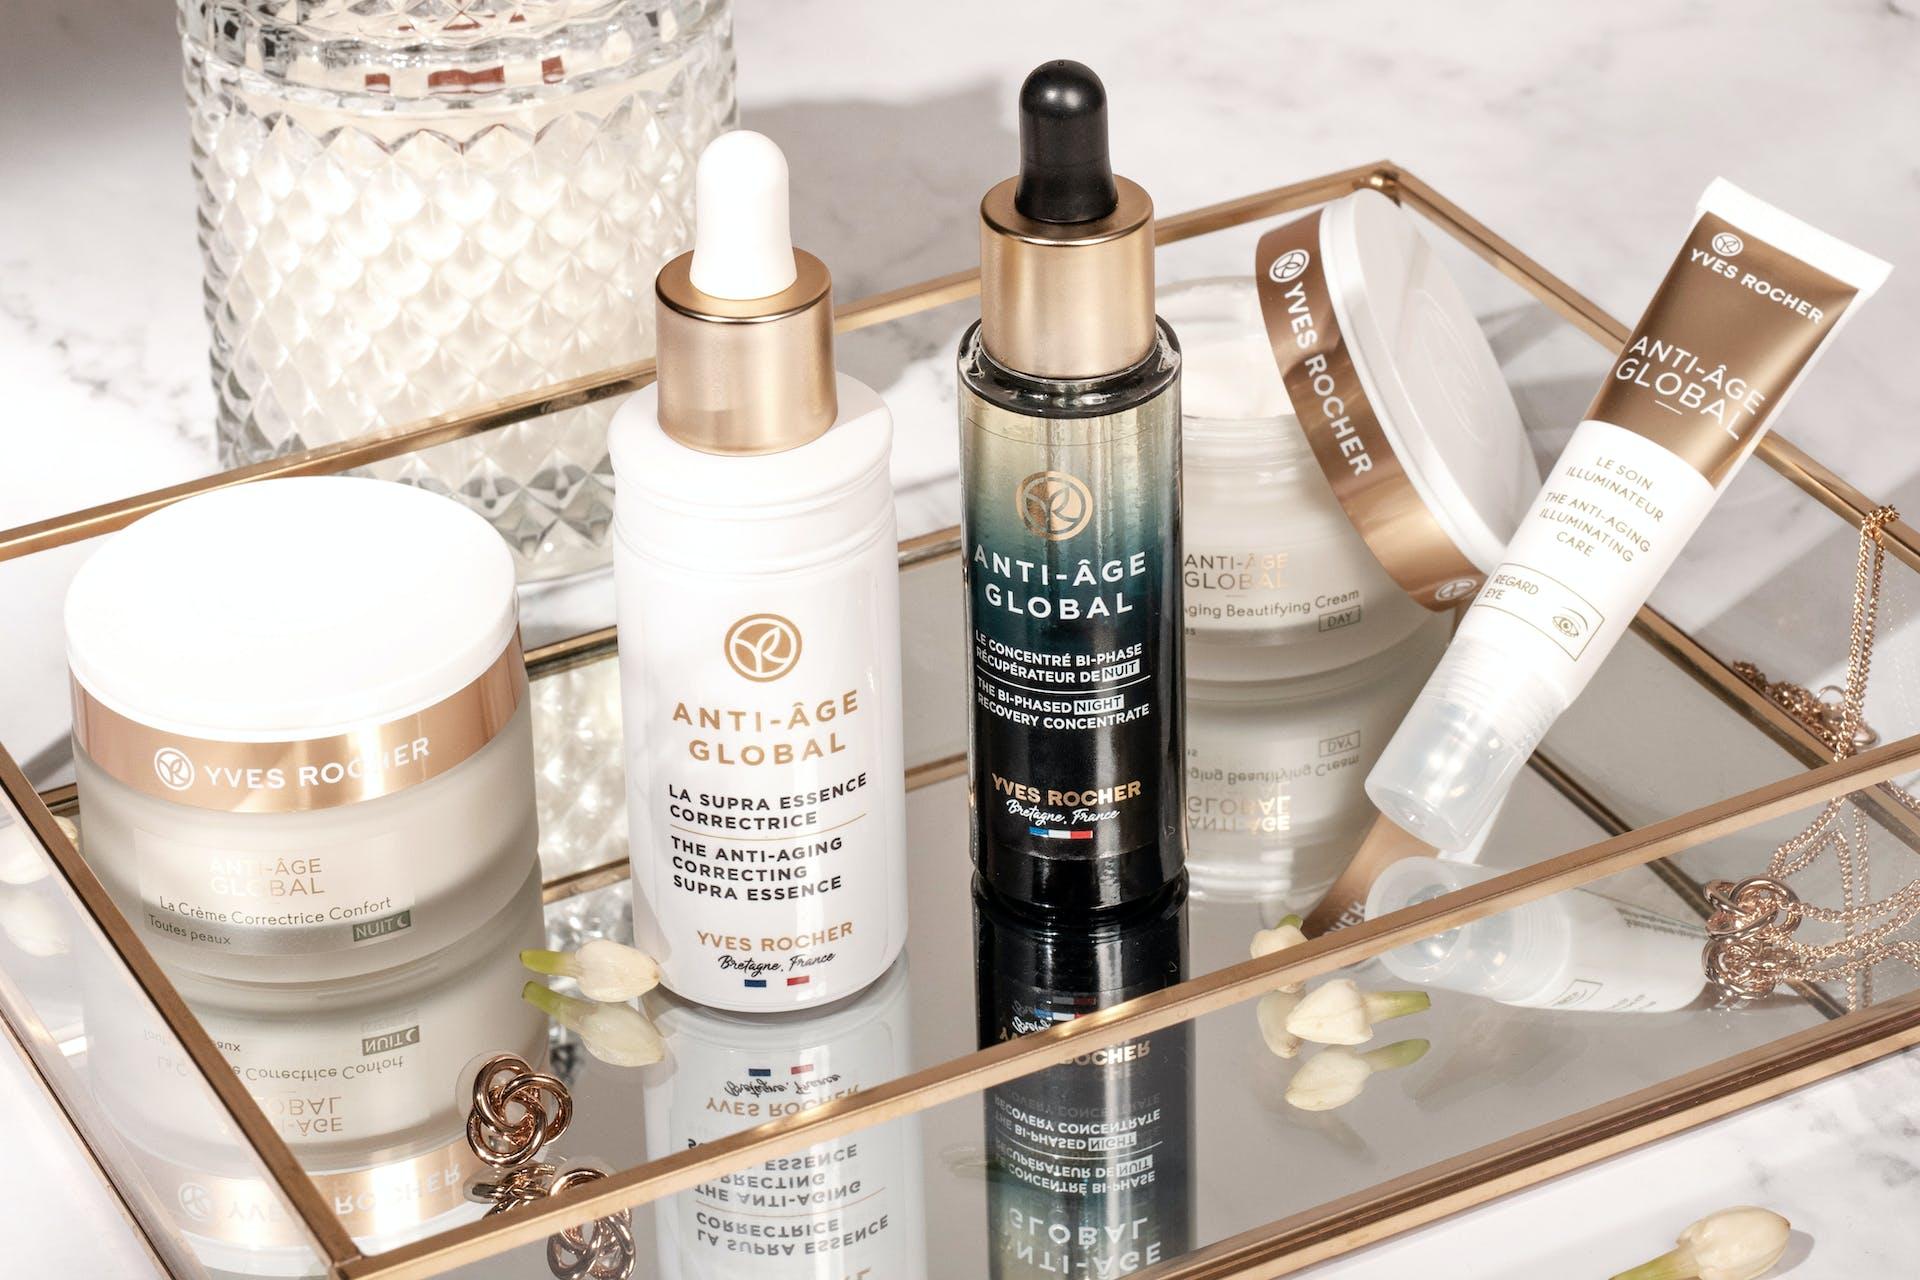 Ein Bild mit Yves Rocher Produkten